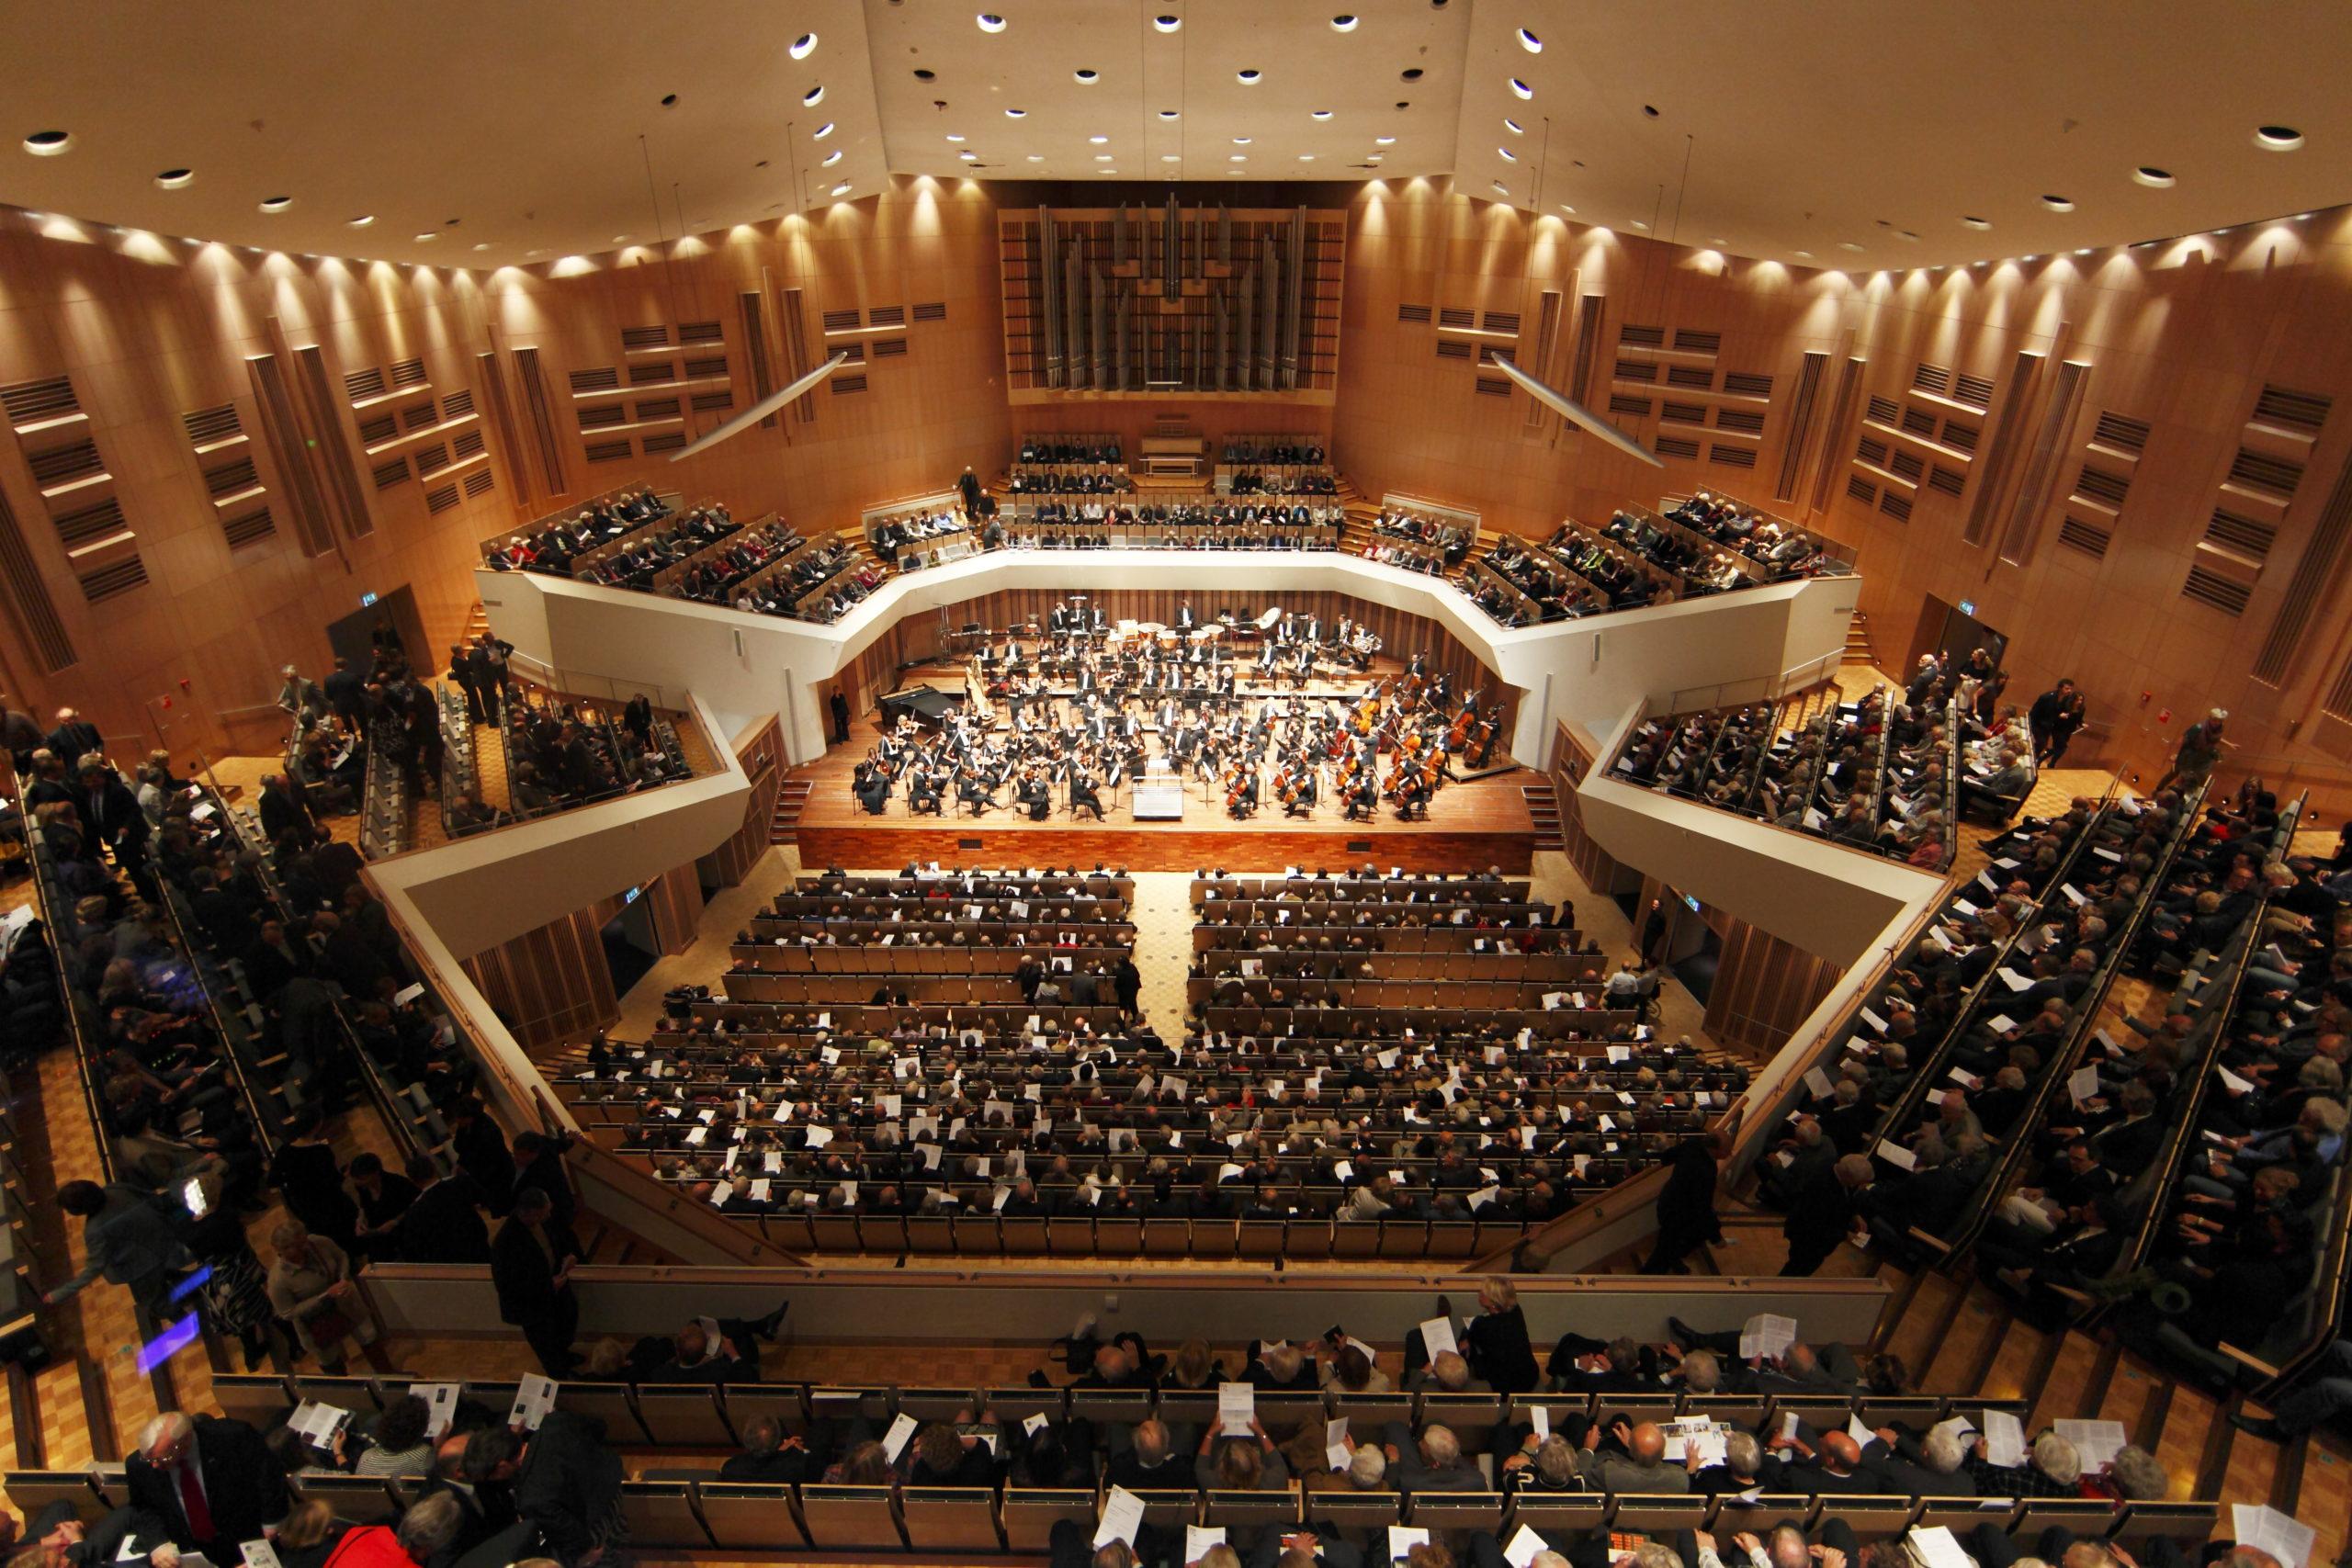 Muziekgebouw 4